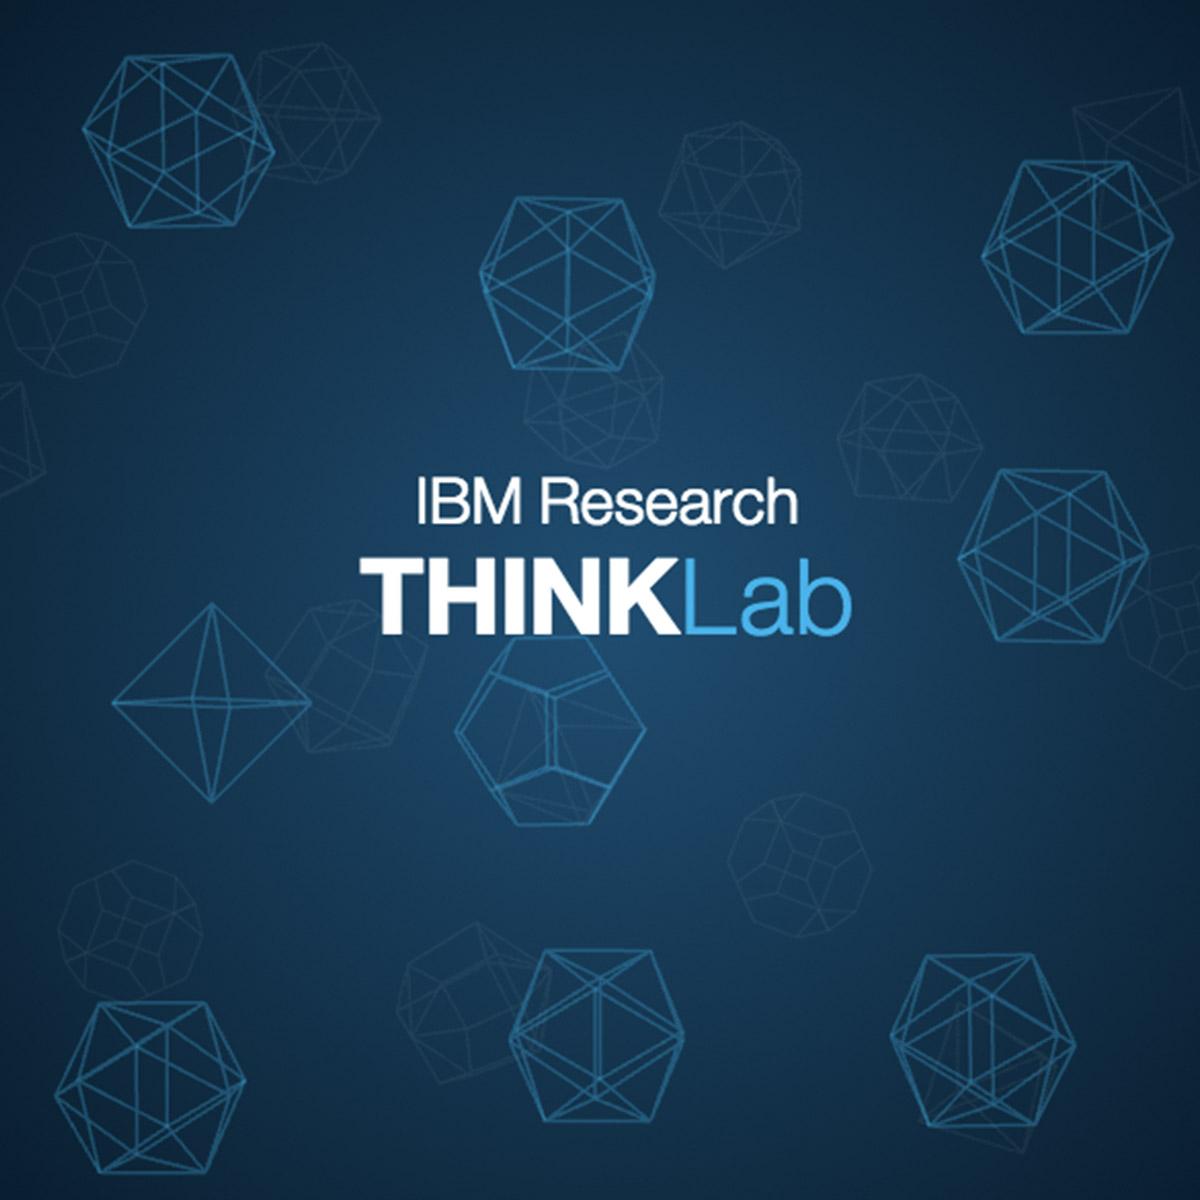 ibm research - Parfu kaptanband co